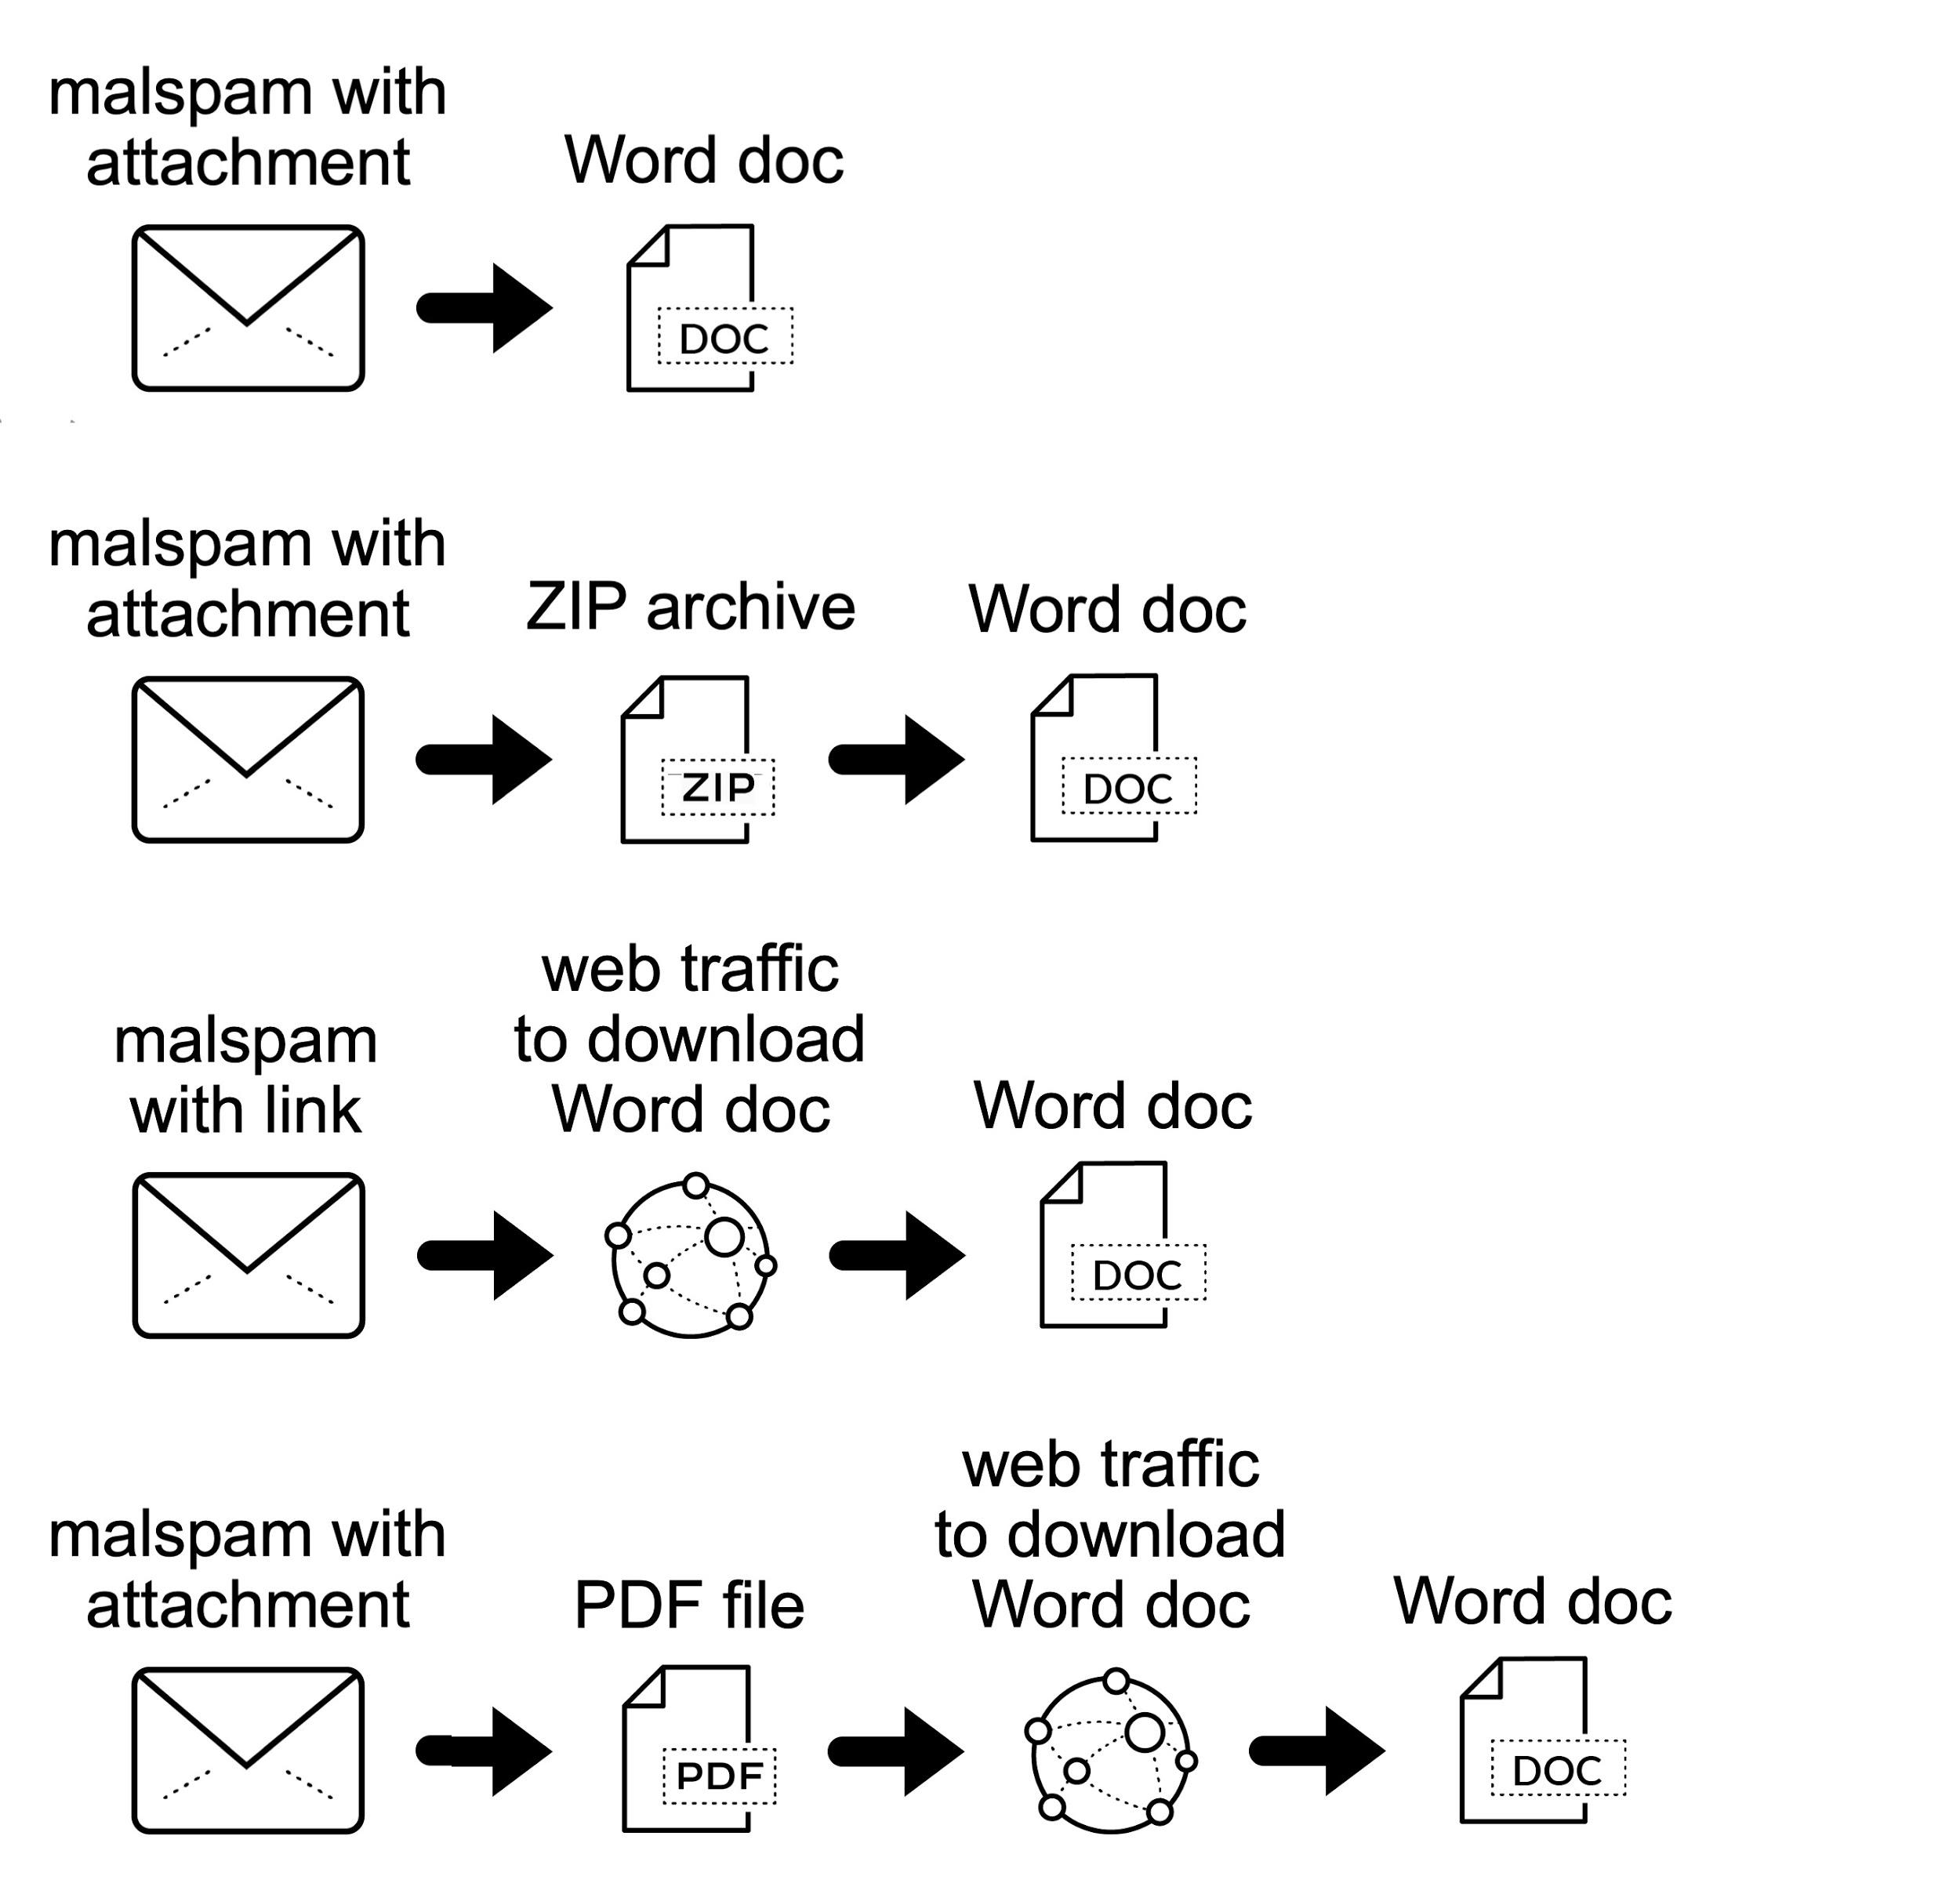 Emotet による Wordドキュメントの配布経路。1)Wordドキュメントが添付されたマルスパム。 2)WordドキュメントのZIPアーカイブが添付されたマルスパム。 3)WordドキュメントをダウンロードするWebトラフィックへのリンクを含むマルスパム。 4)WordドキュメントをダウンロードするWebトラフィックを含めたPDFファイル添付したマルスパム。